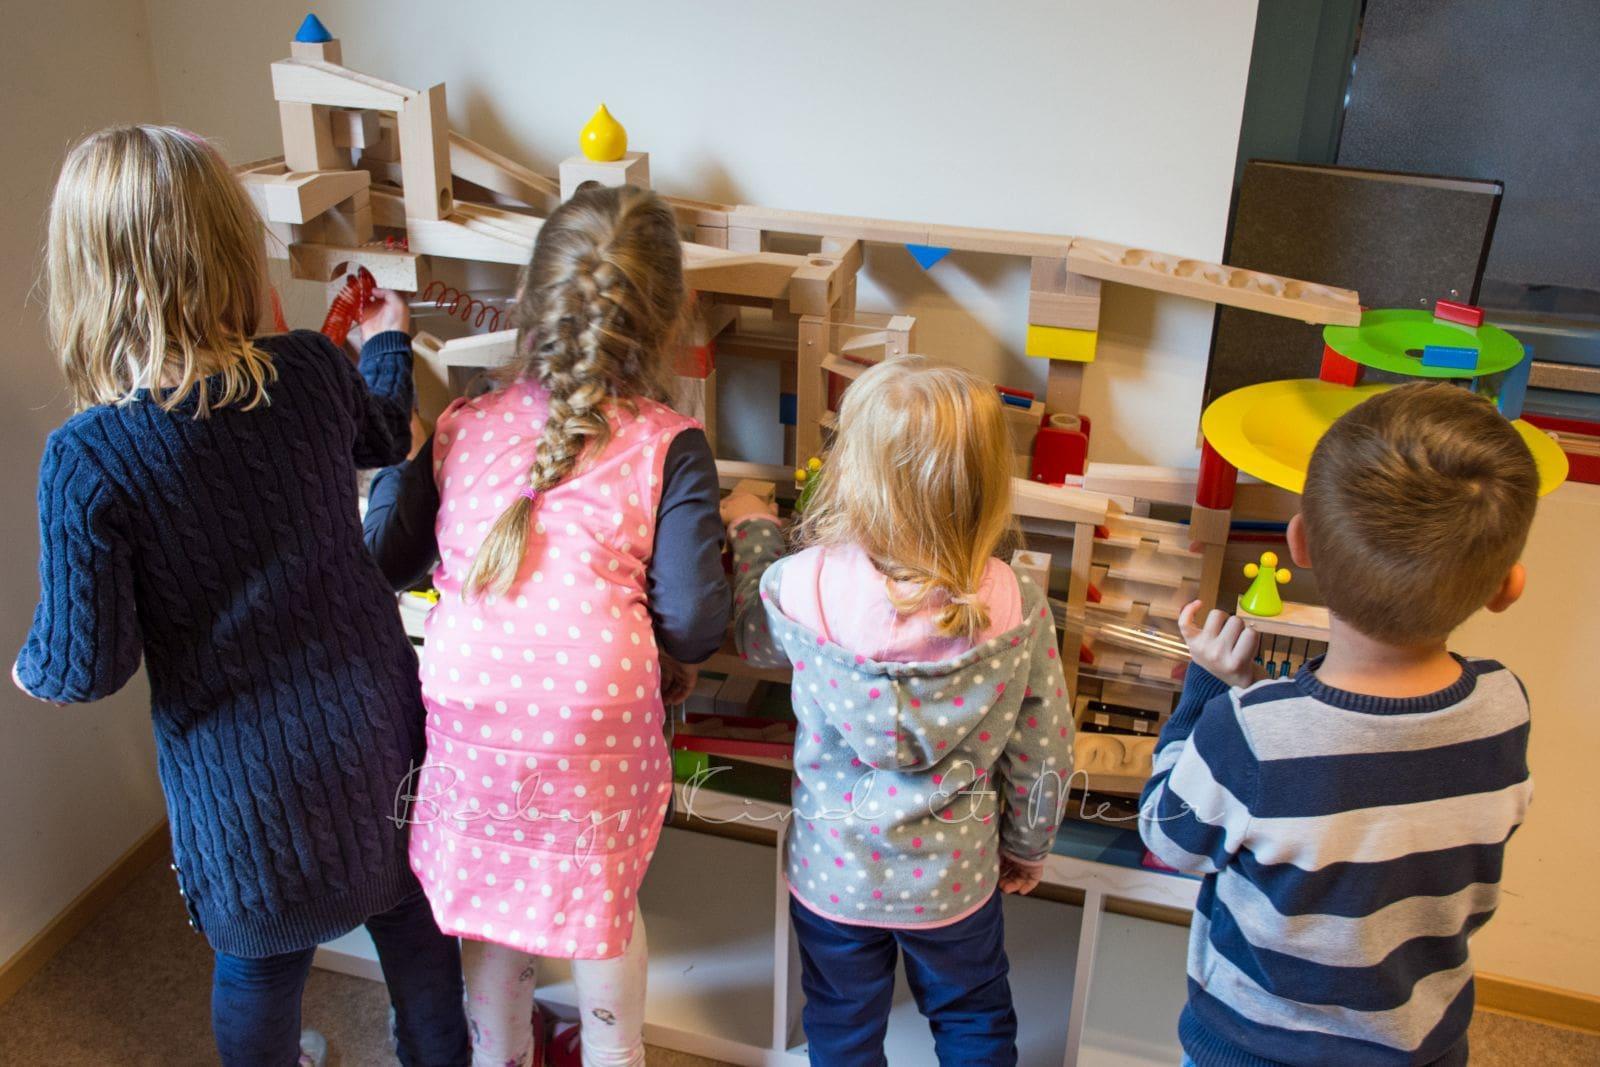 haba kugelbahn spieltisch 2 0 spielzeug do it yourself baby kind und meer. Black Bedroom Furniture Sets. Home Design Ideas